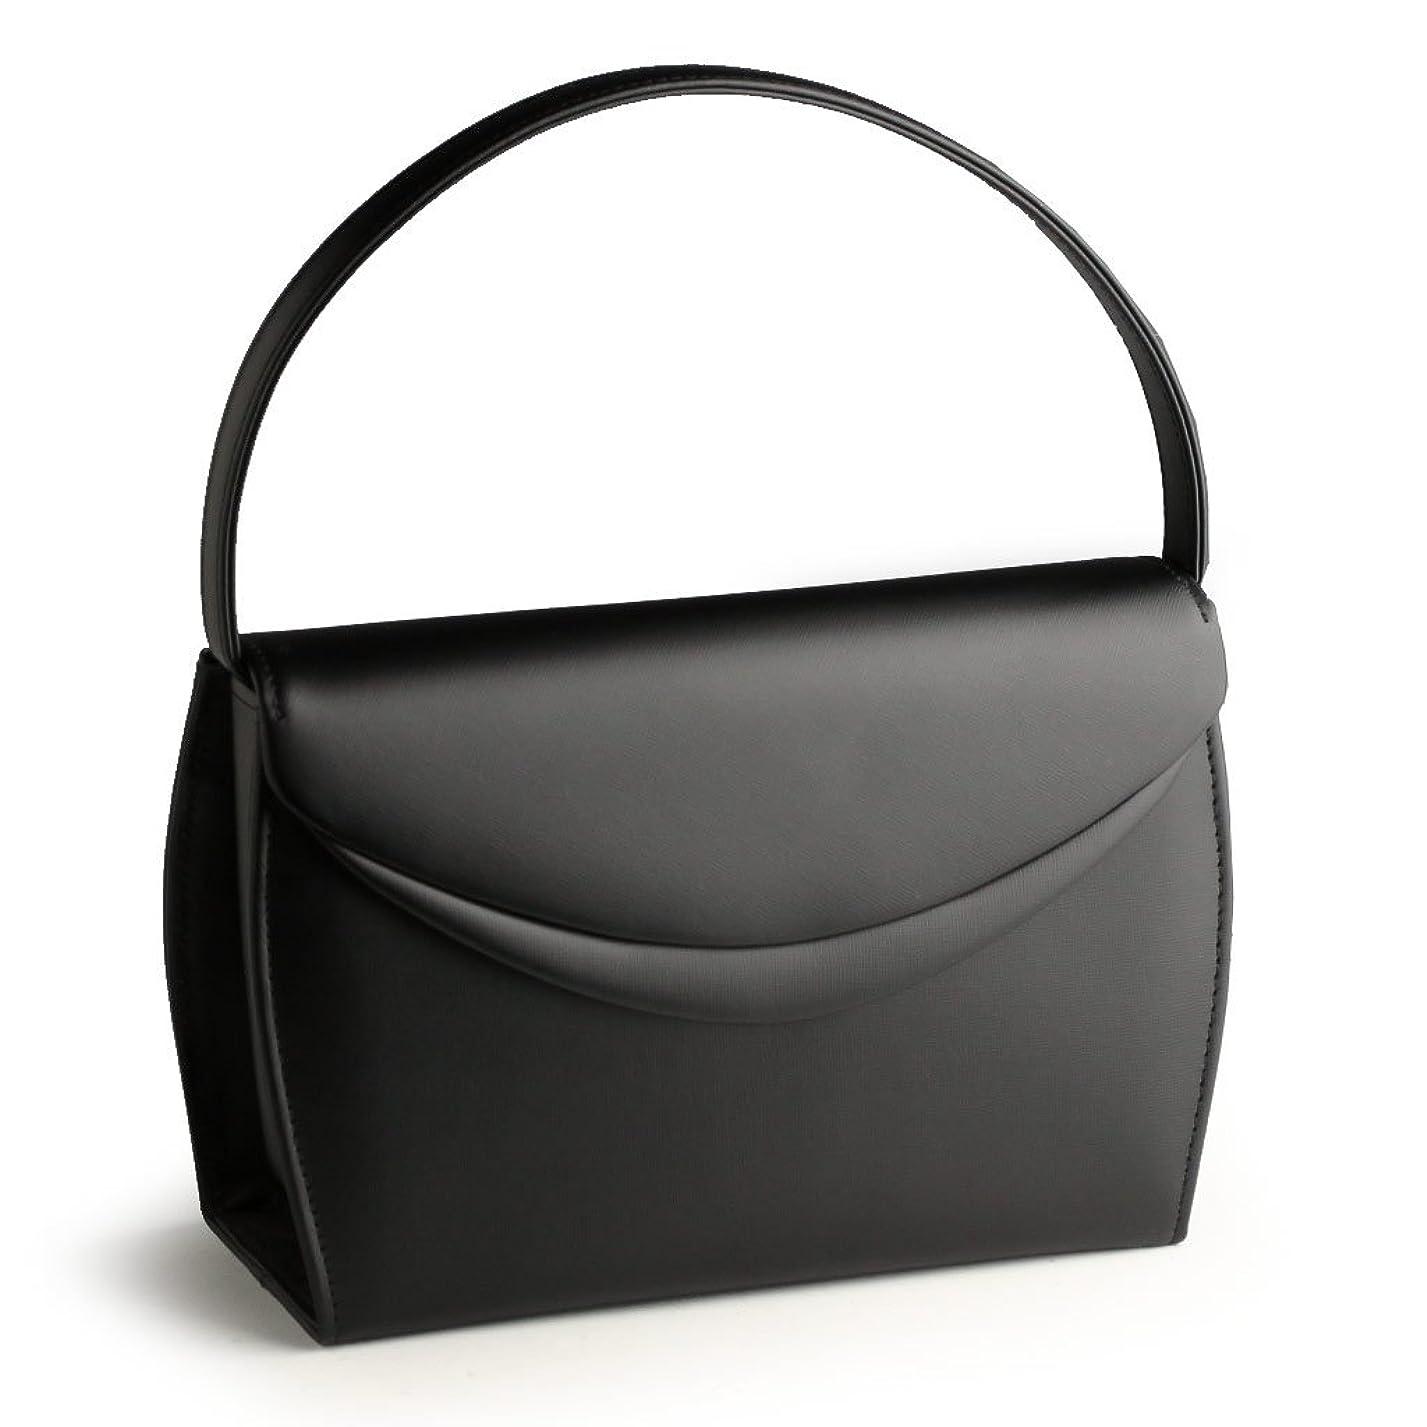 お茶打撃れんが日本製 慶弔両用 本革ブラックフォーマルバッグ